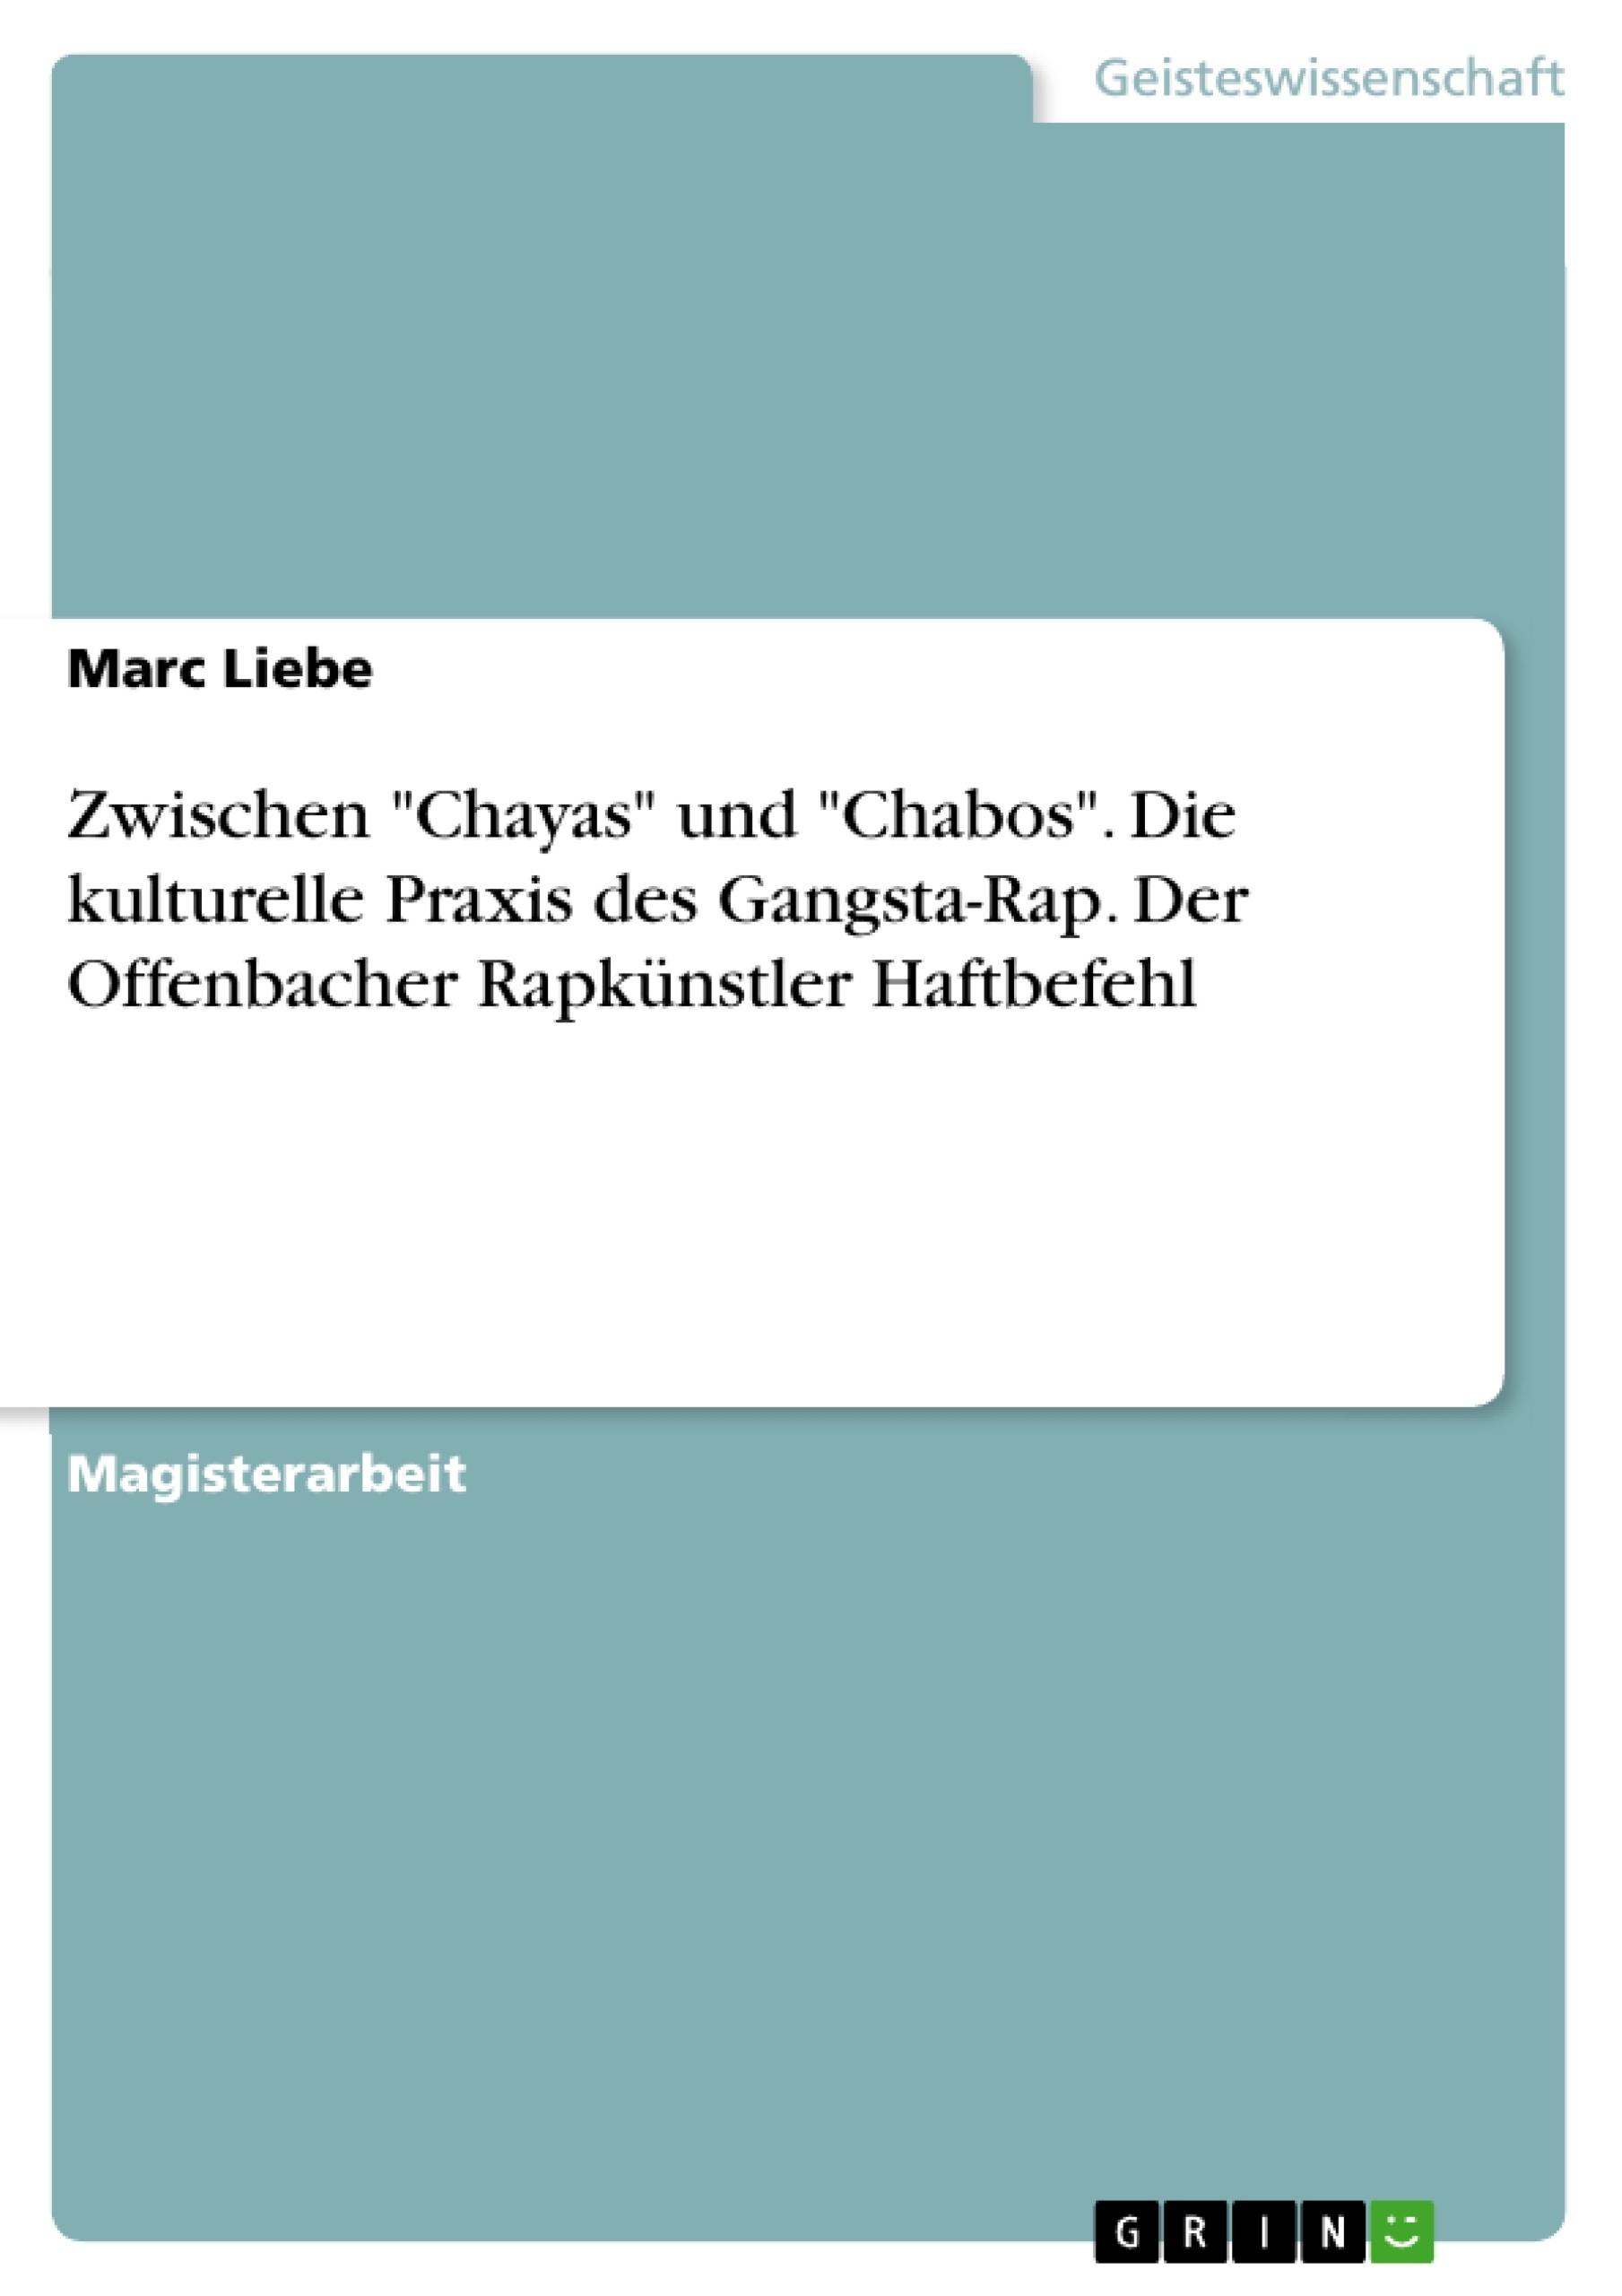 """Titel: Zwischen """"Chayas"""" und """"Chabos"""". Die kulturelle Praxis des Gangsta-Rap. Der Offenbacher Rapkünstler Haftbefehl"""